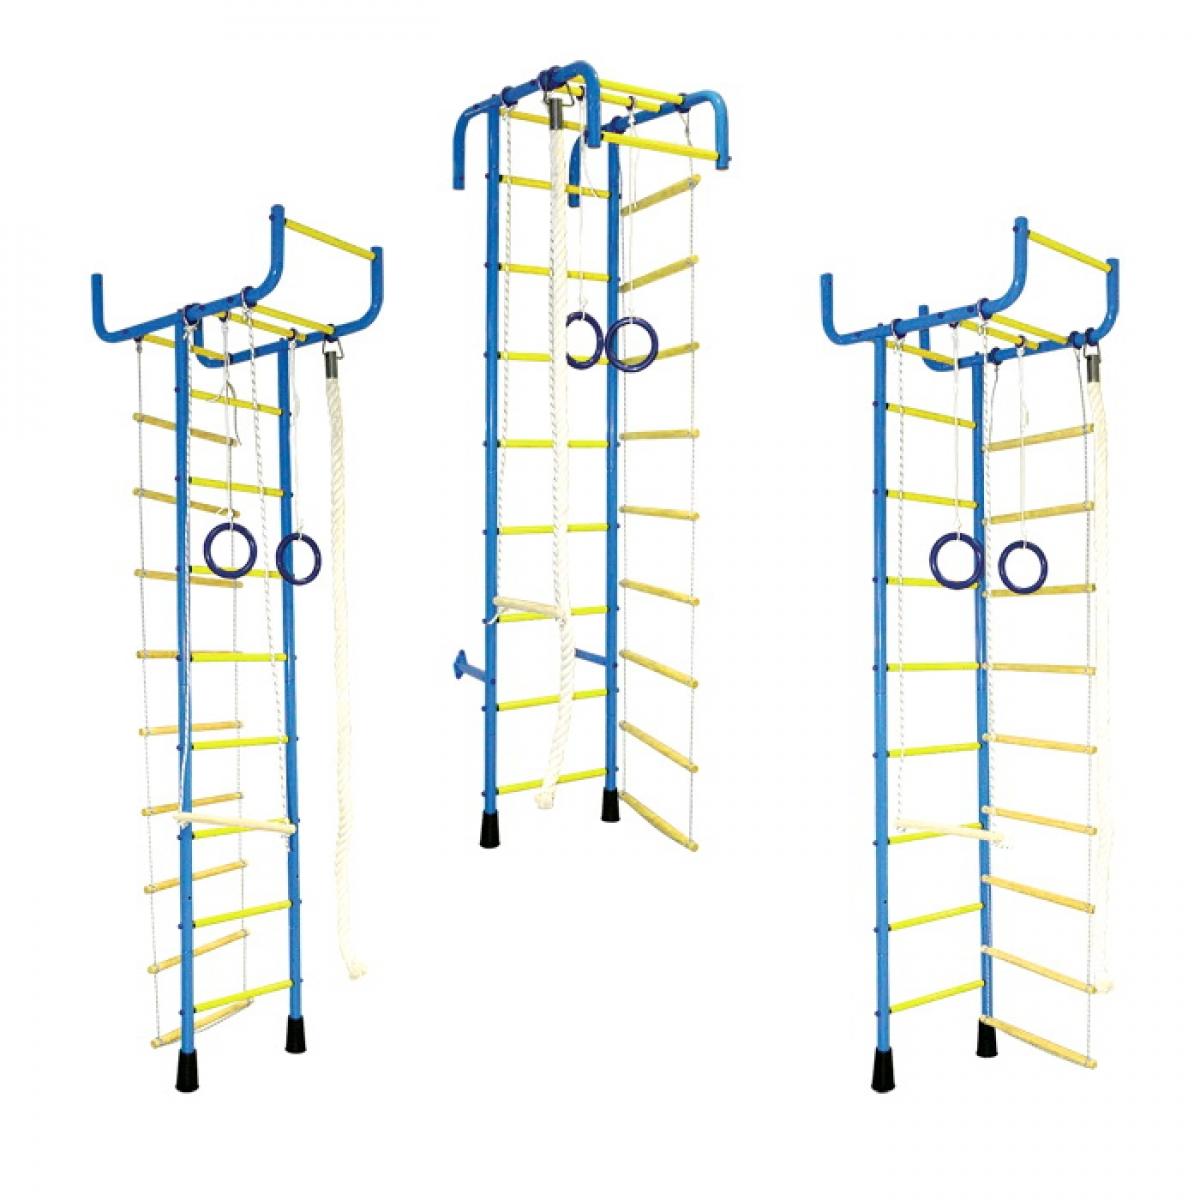 Шведская стенка (детский спортивный комплекс) 3-5 ПВХ Трансформер Фолетово-желтый